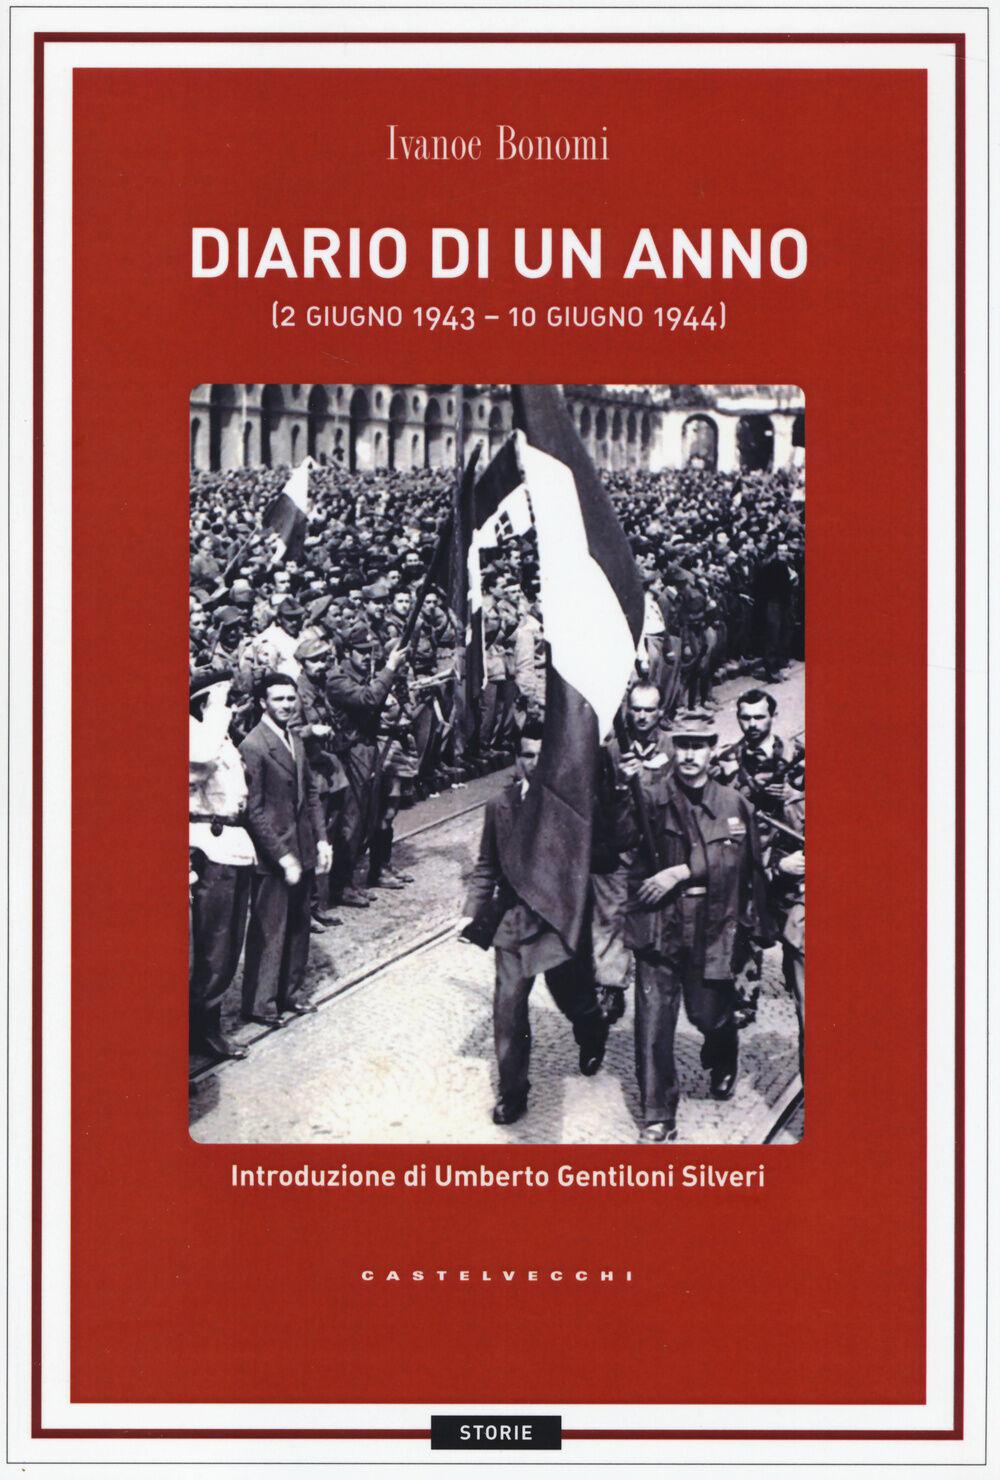 Diario di un anno (2 giugno 1943-10 giugno 1944)